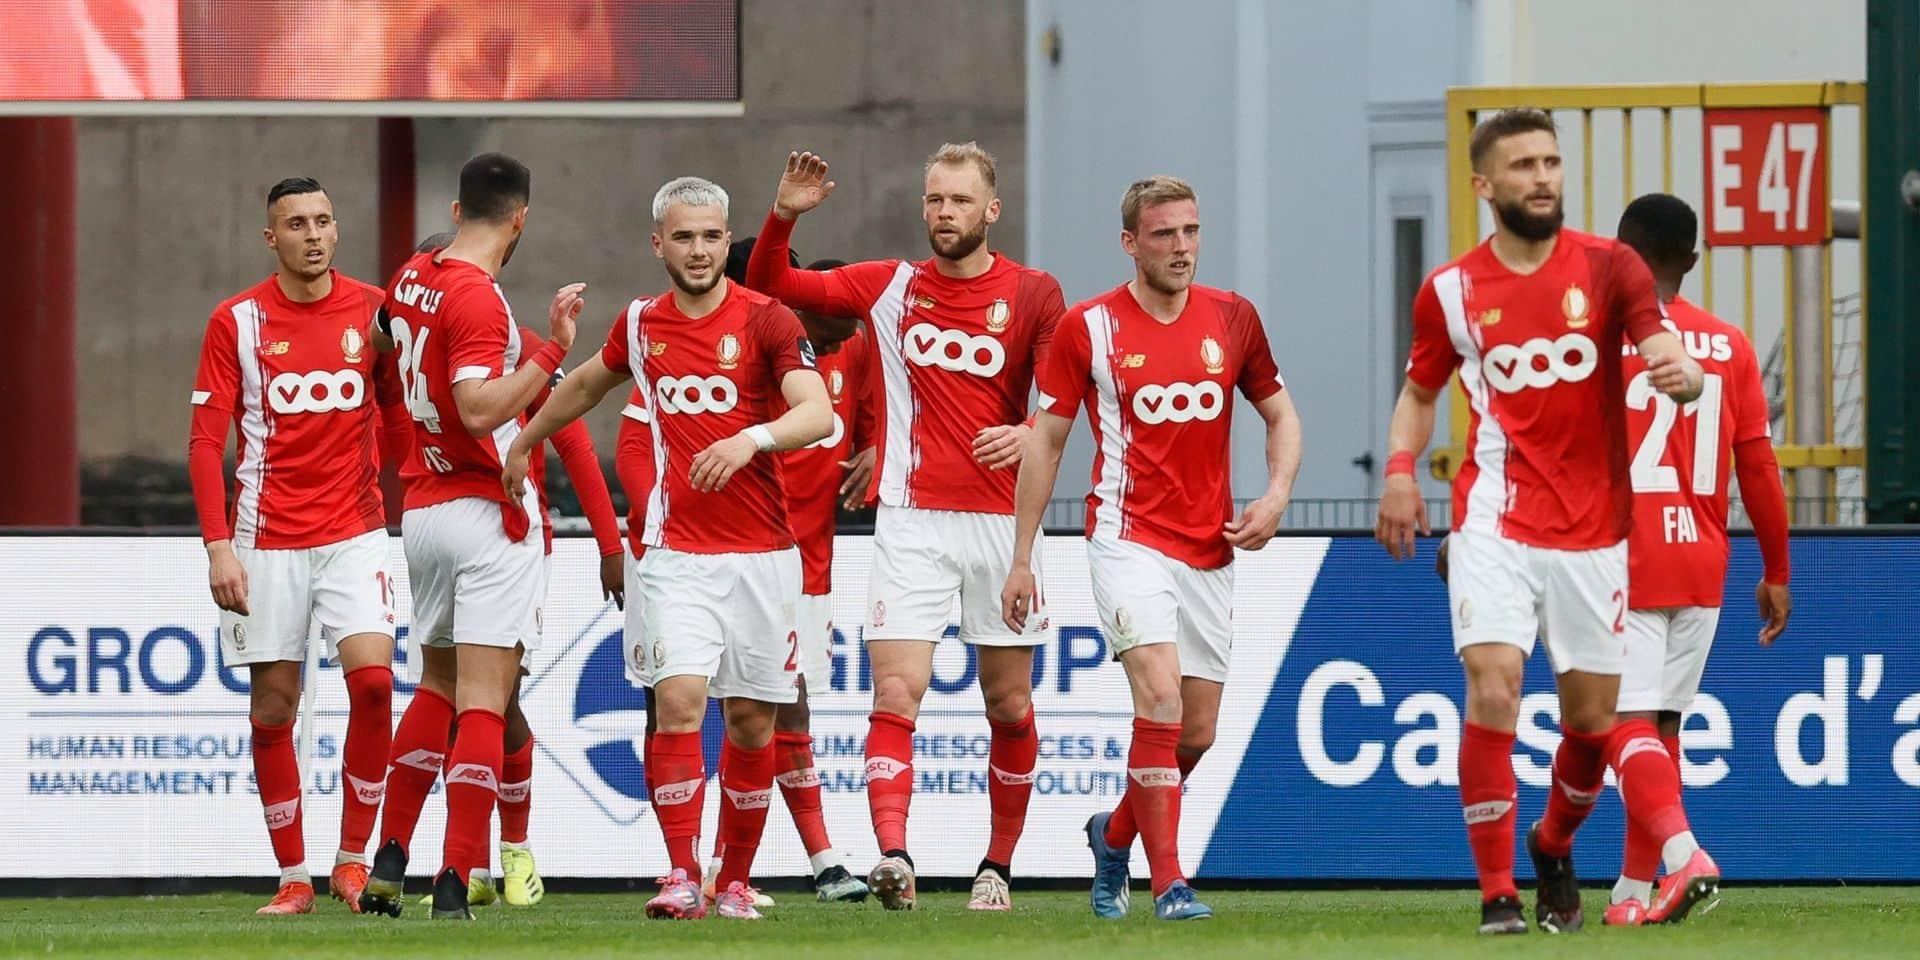 Le Standard s'incline contre Malines et loupe l'opportunité de dépasser Ostende (1-2)